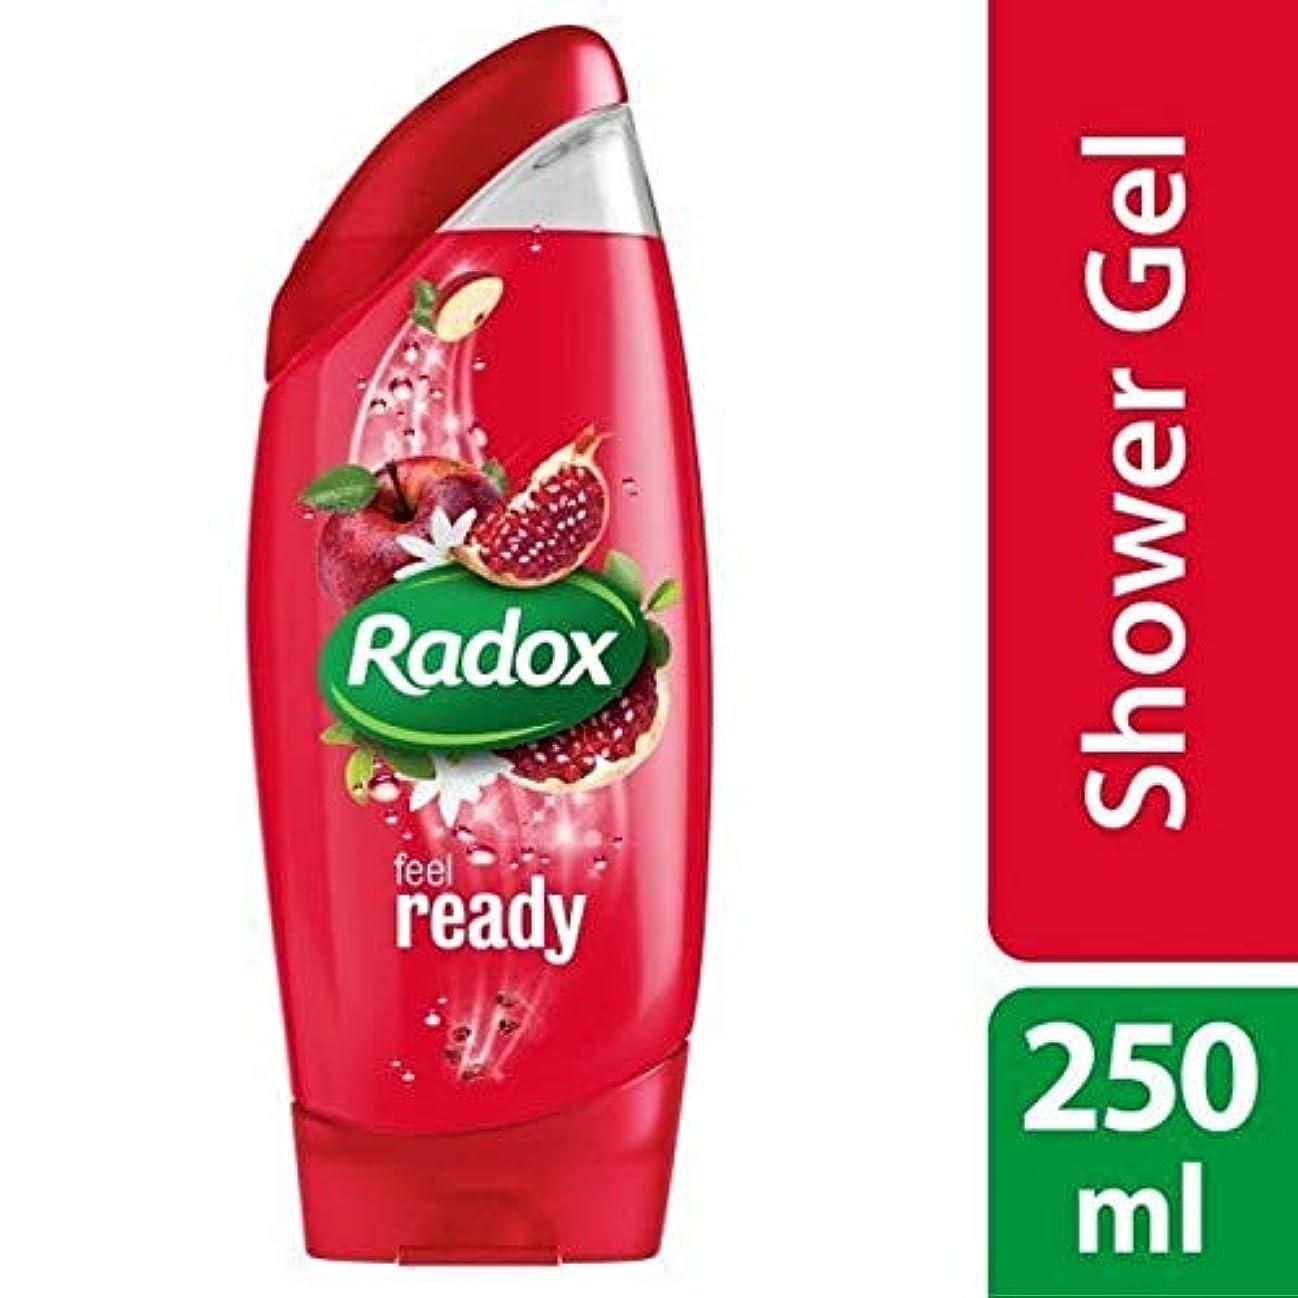 痛い外科医登場[Radox] Radoxは準備ができてシャワージェル250ミリリットルを感じます - Radox Feel Ready Shower Gel 250ml [並行輸入品]